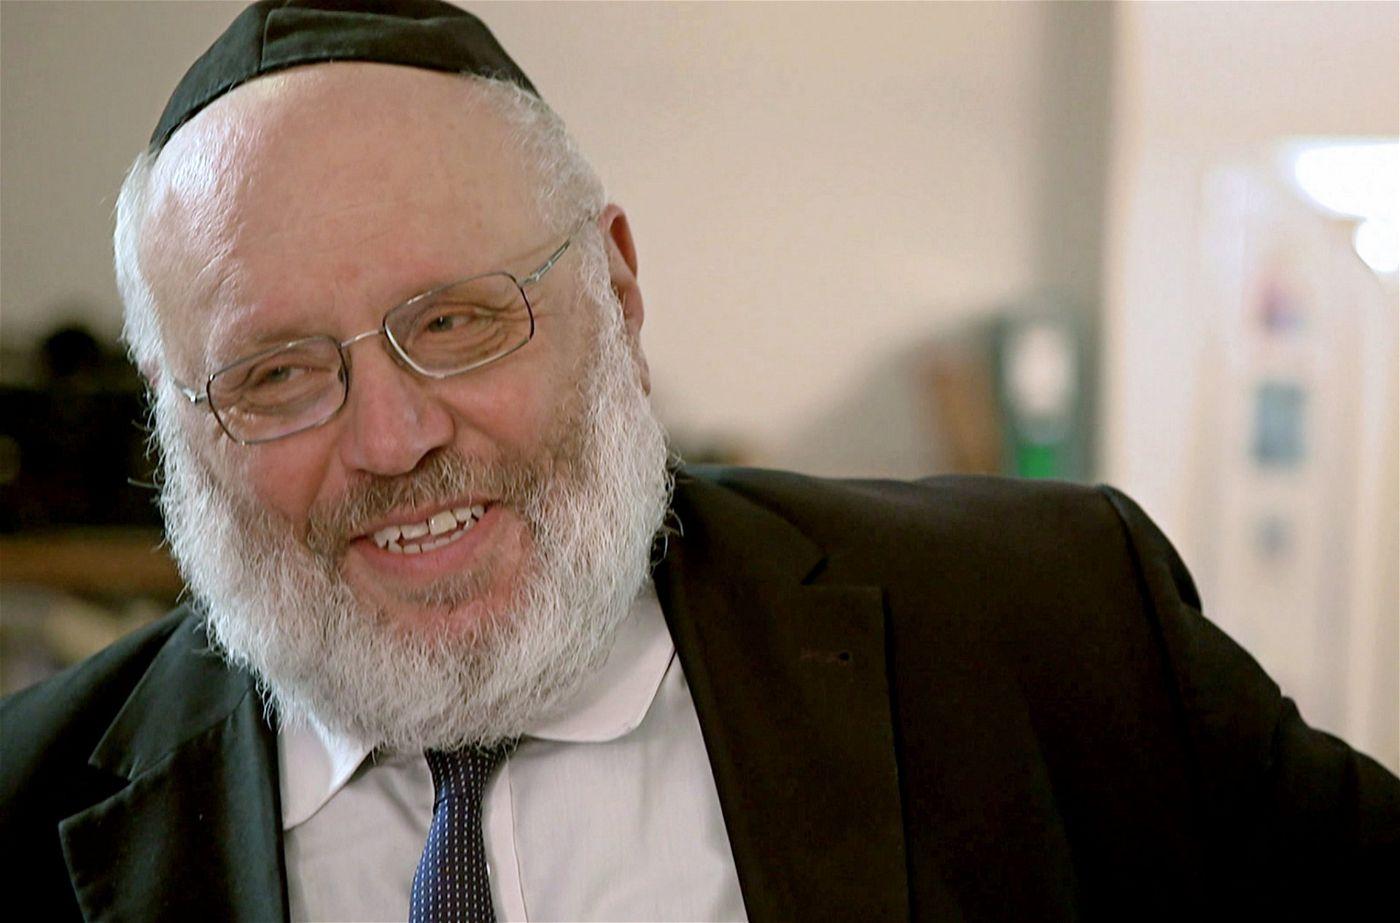 Rabbi Walter Rothschild erklärt den typisch jüdischen Humor.